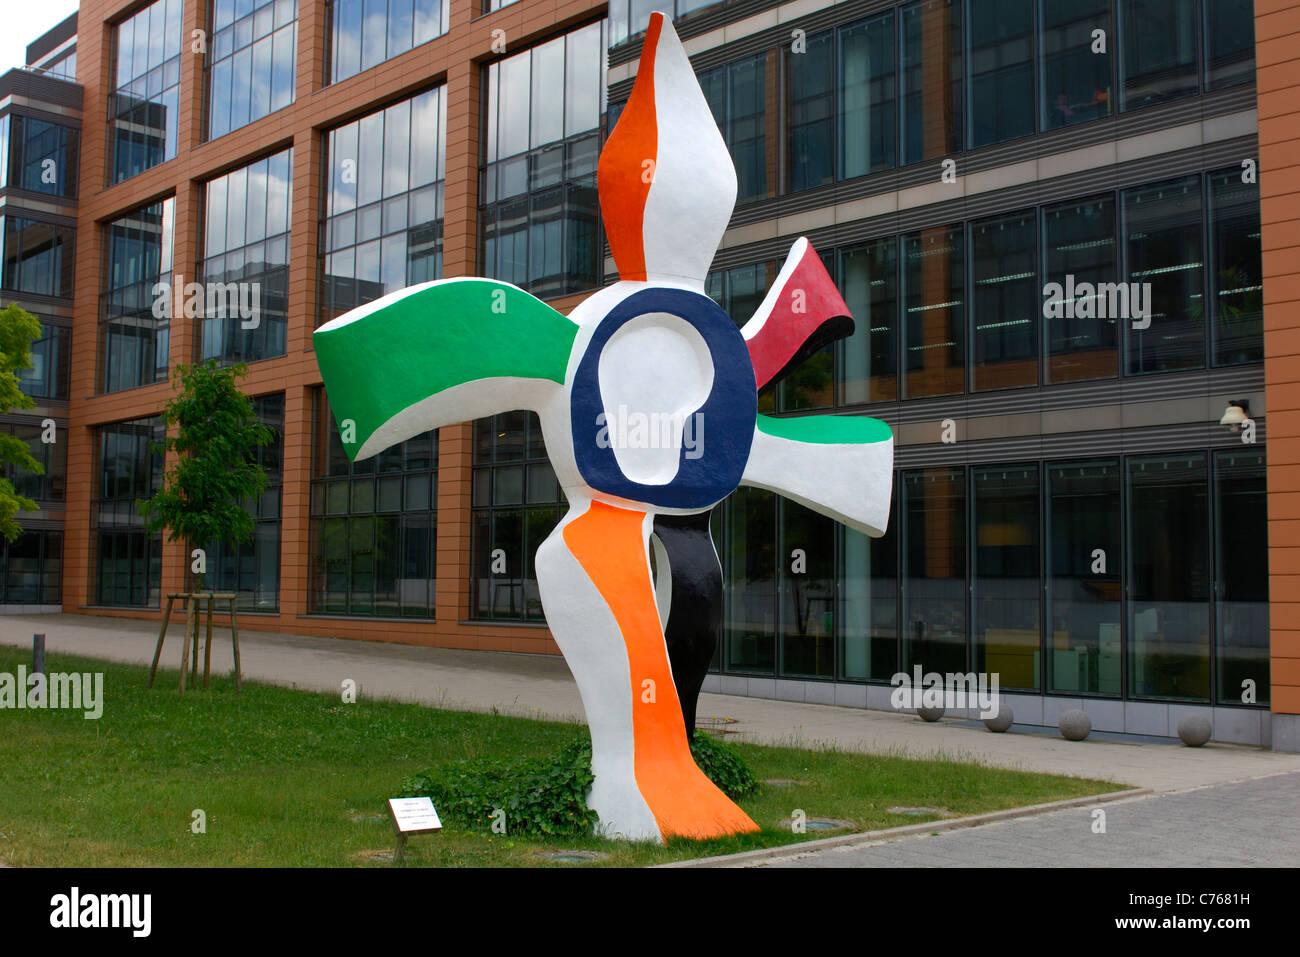 Sculpture La grande fleur qui marche, Financial District, Kirchberg-Plateau, Luxemburg - Stock Image